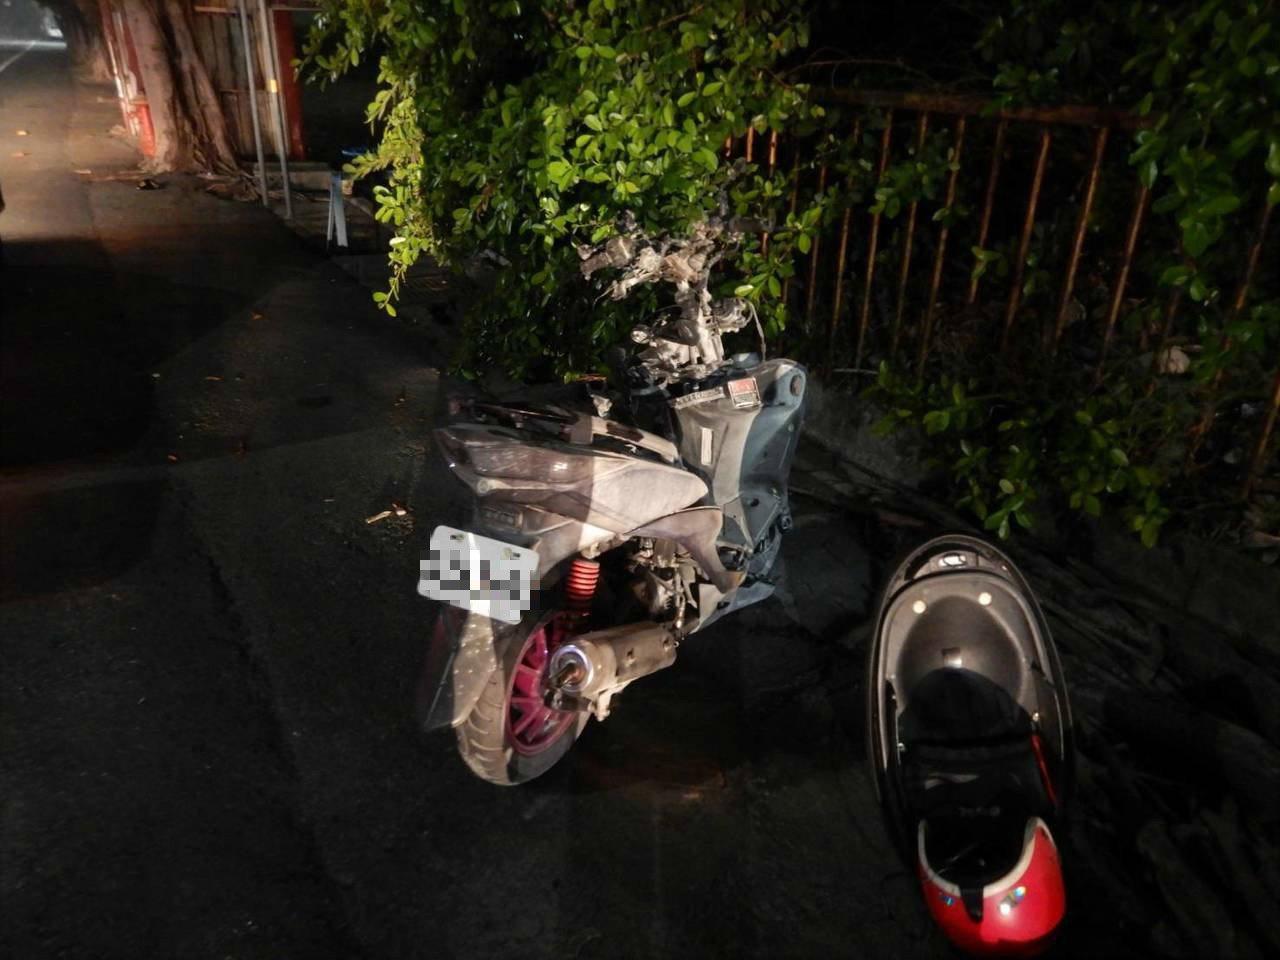 台中市清水區昨晚發生救護車和機車擦撞車禍,騎士重傷。記者游振昇/翻攝